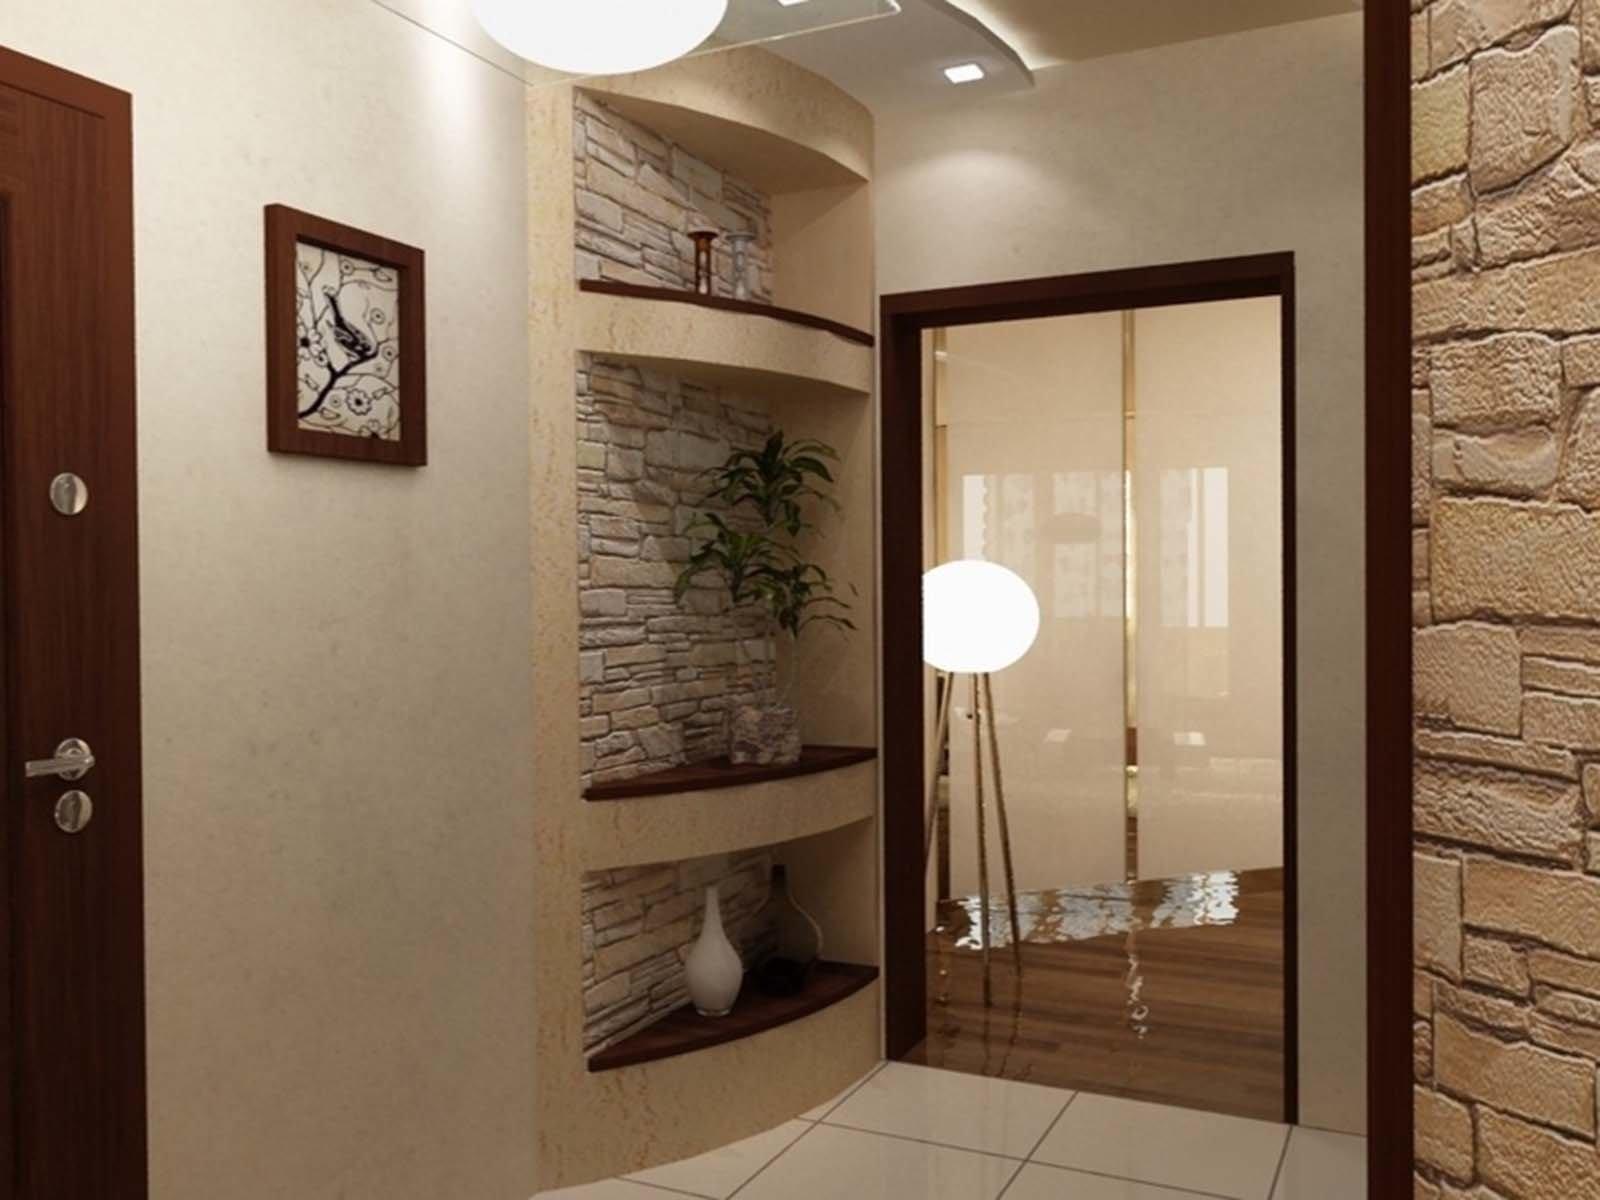 Установка зеркала в большой прихожей комнате